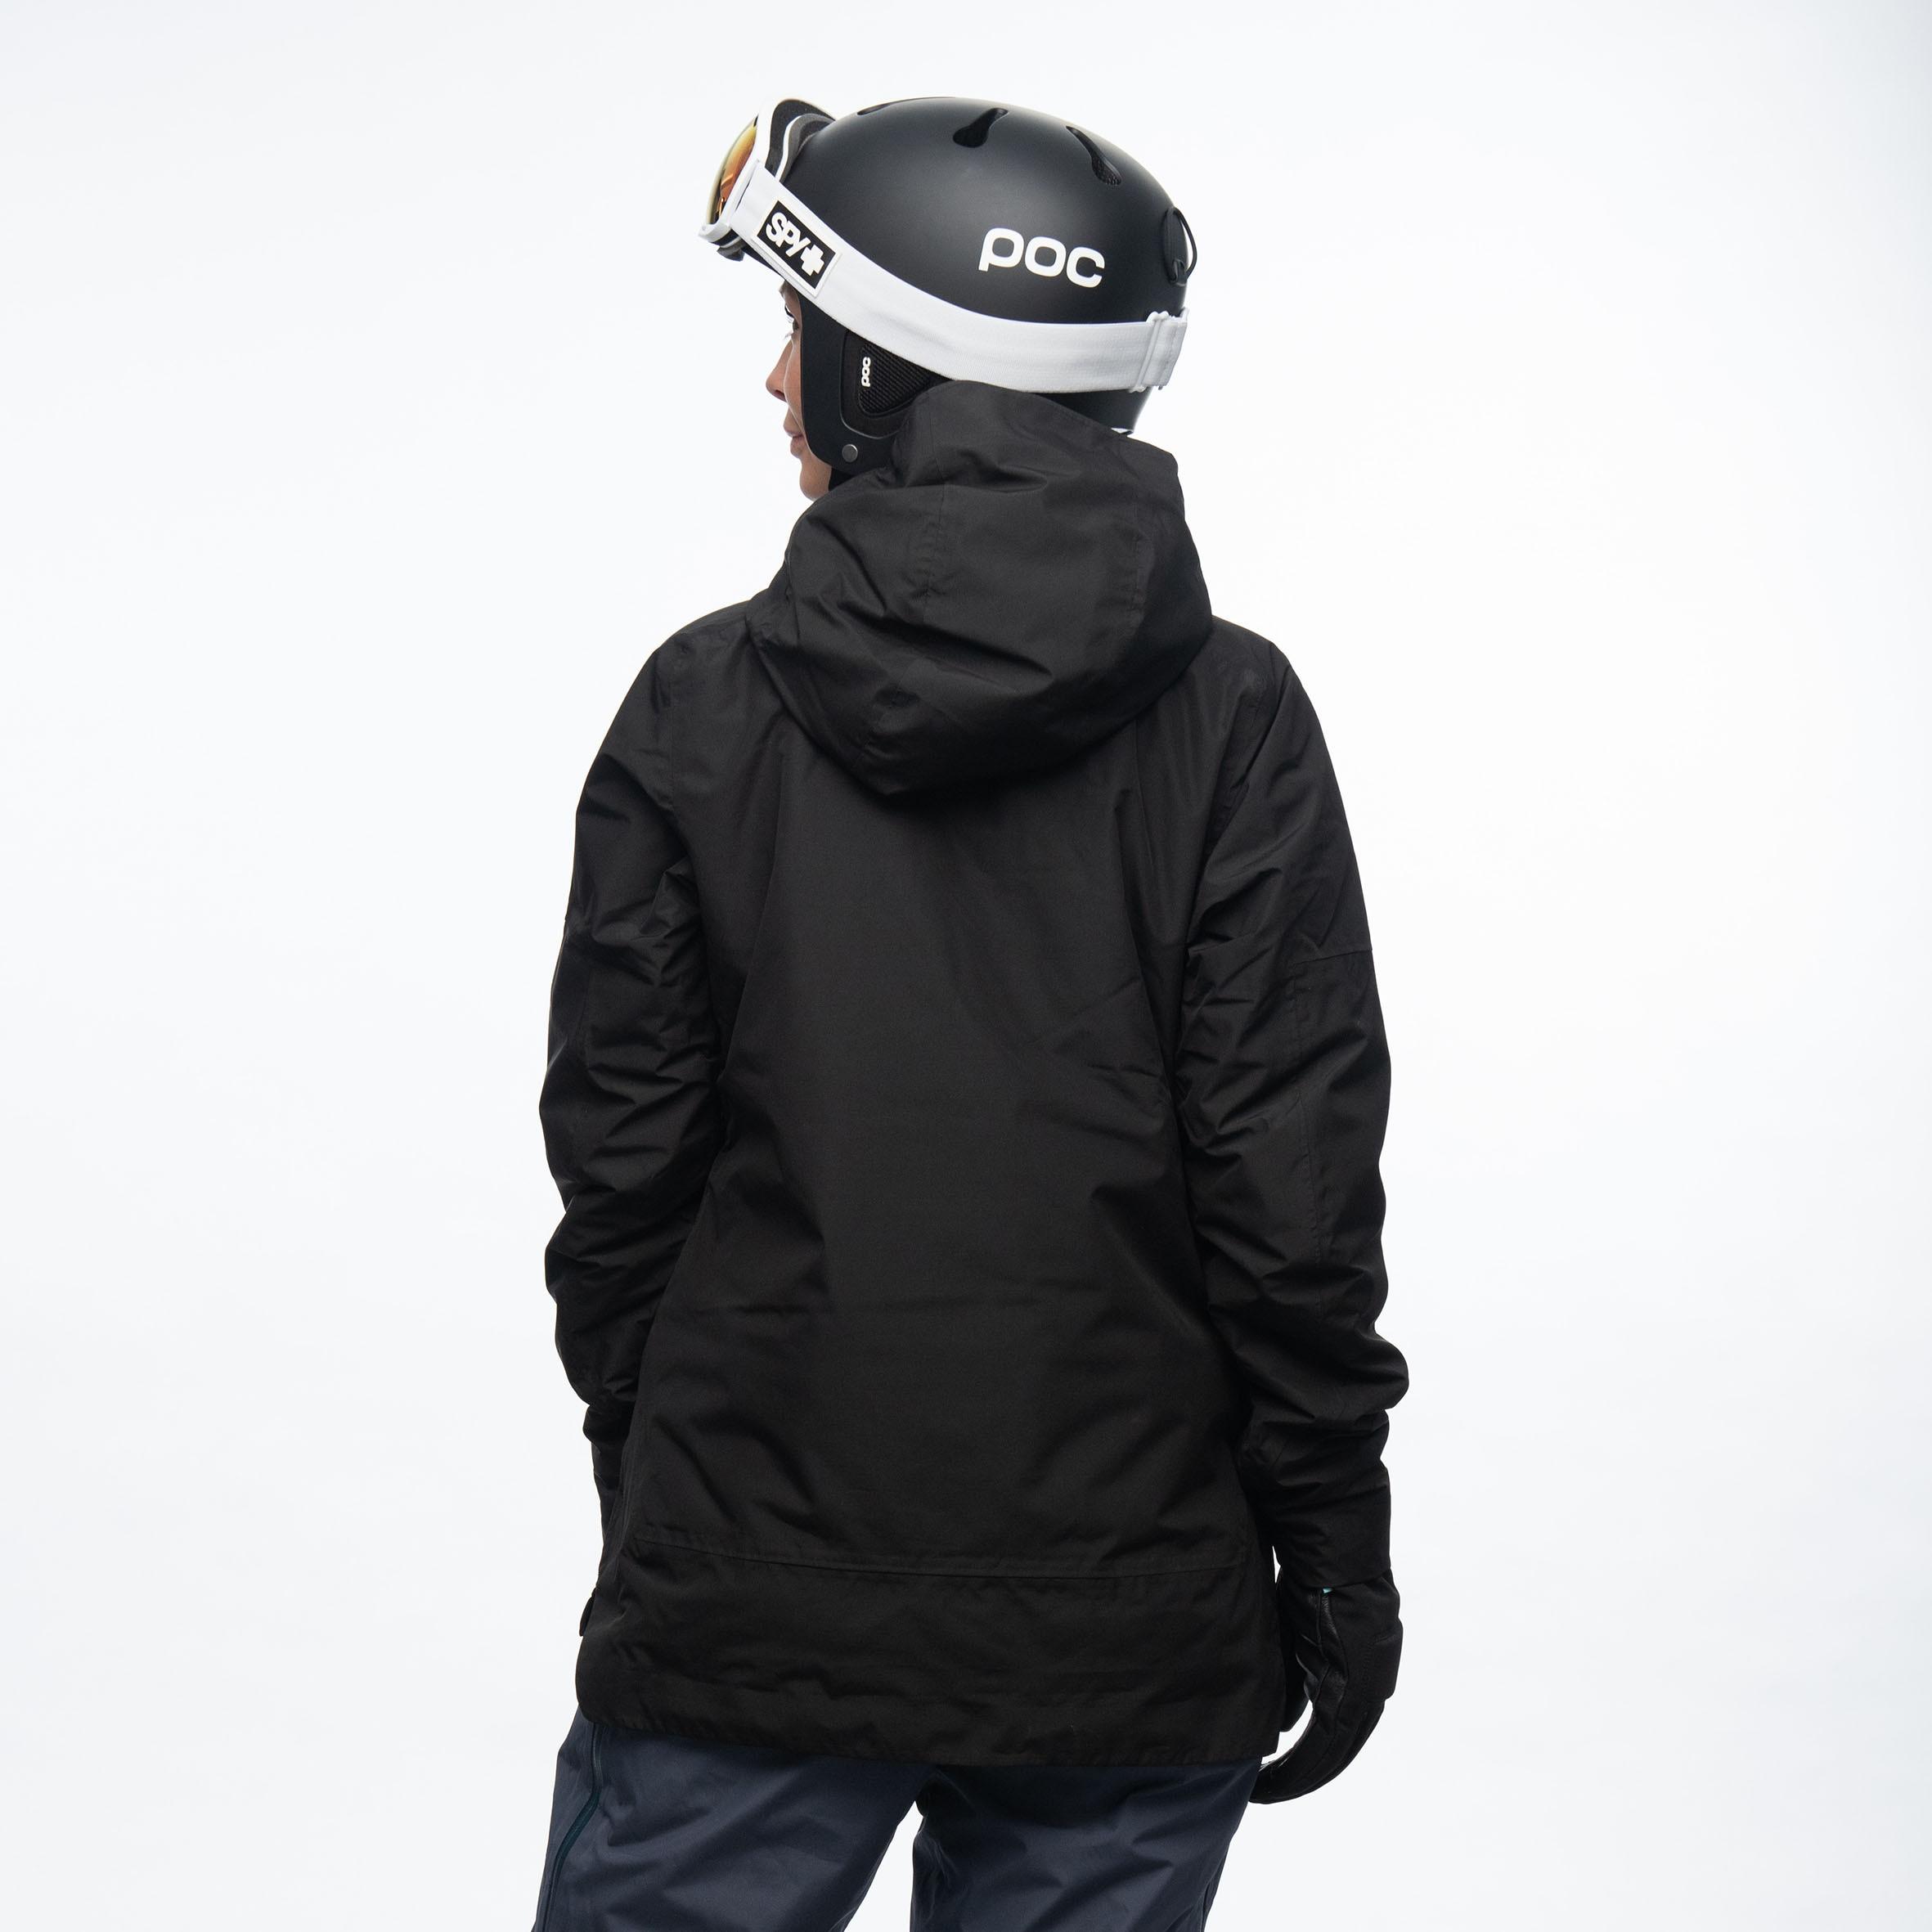 Stranda V2 Insulated W Jacket